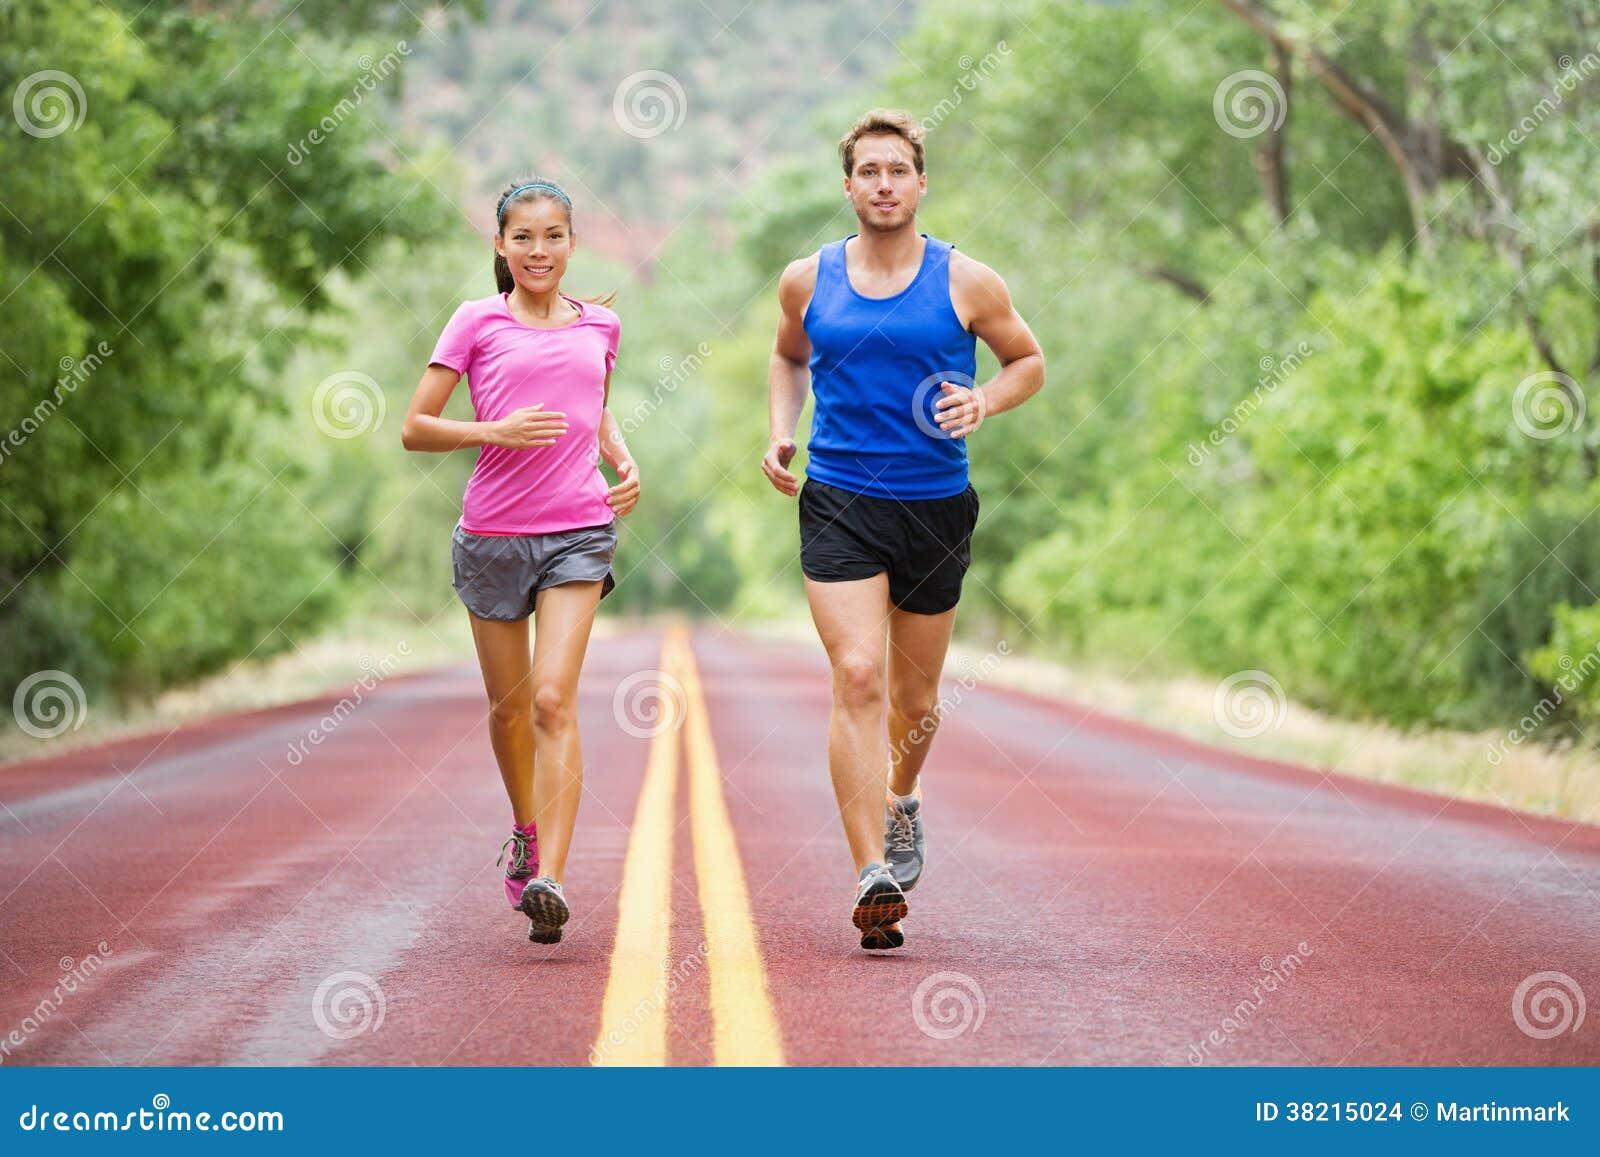 Jogging пар спорта фитнеса бежать